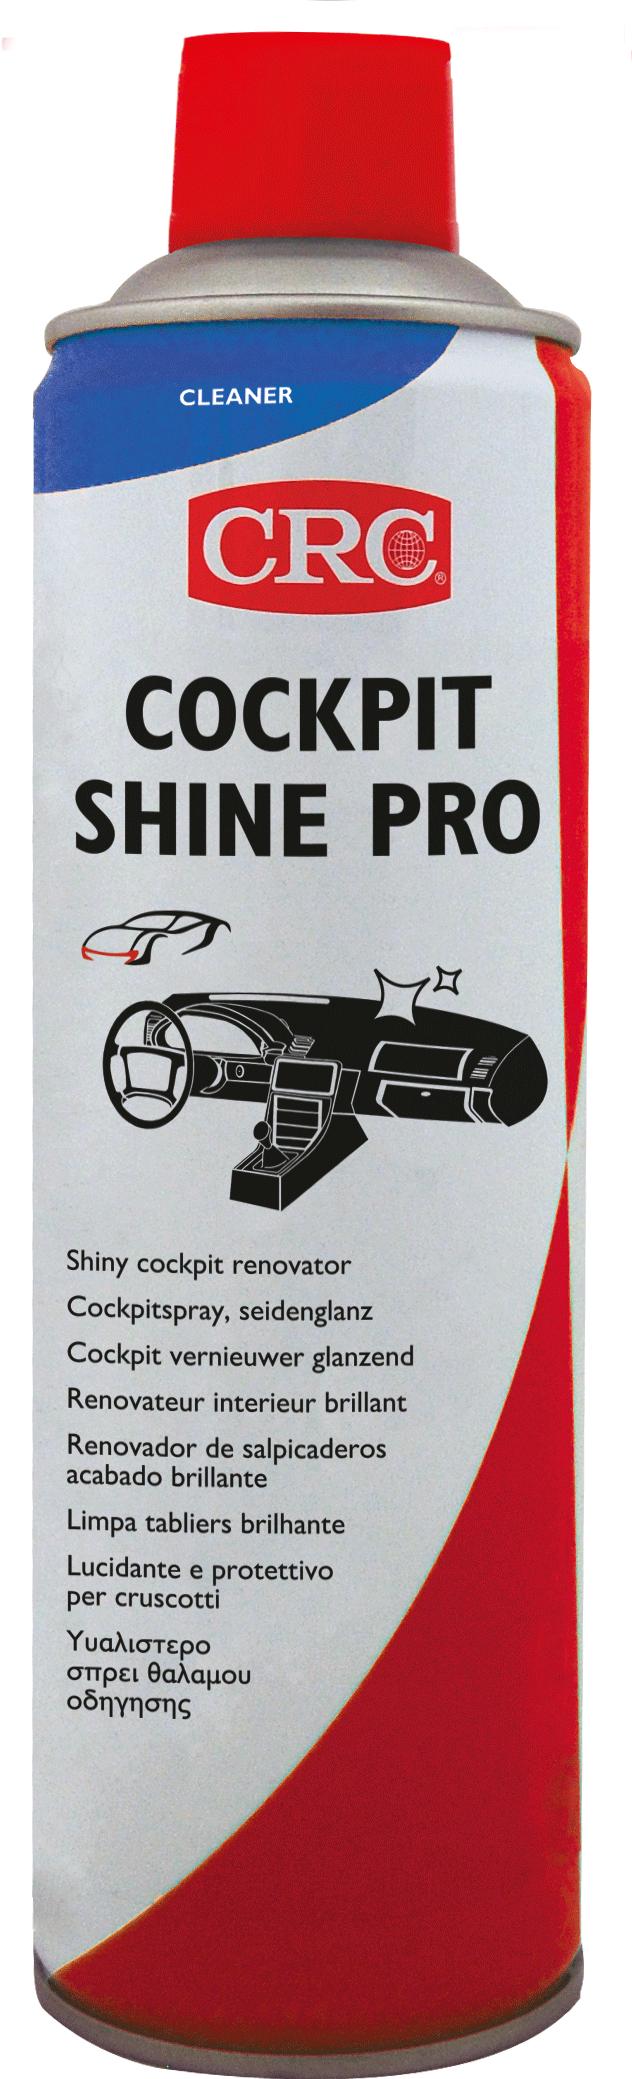 Afbeelding van crc automotive cockpit shine pro 400 ml, spuitbus